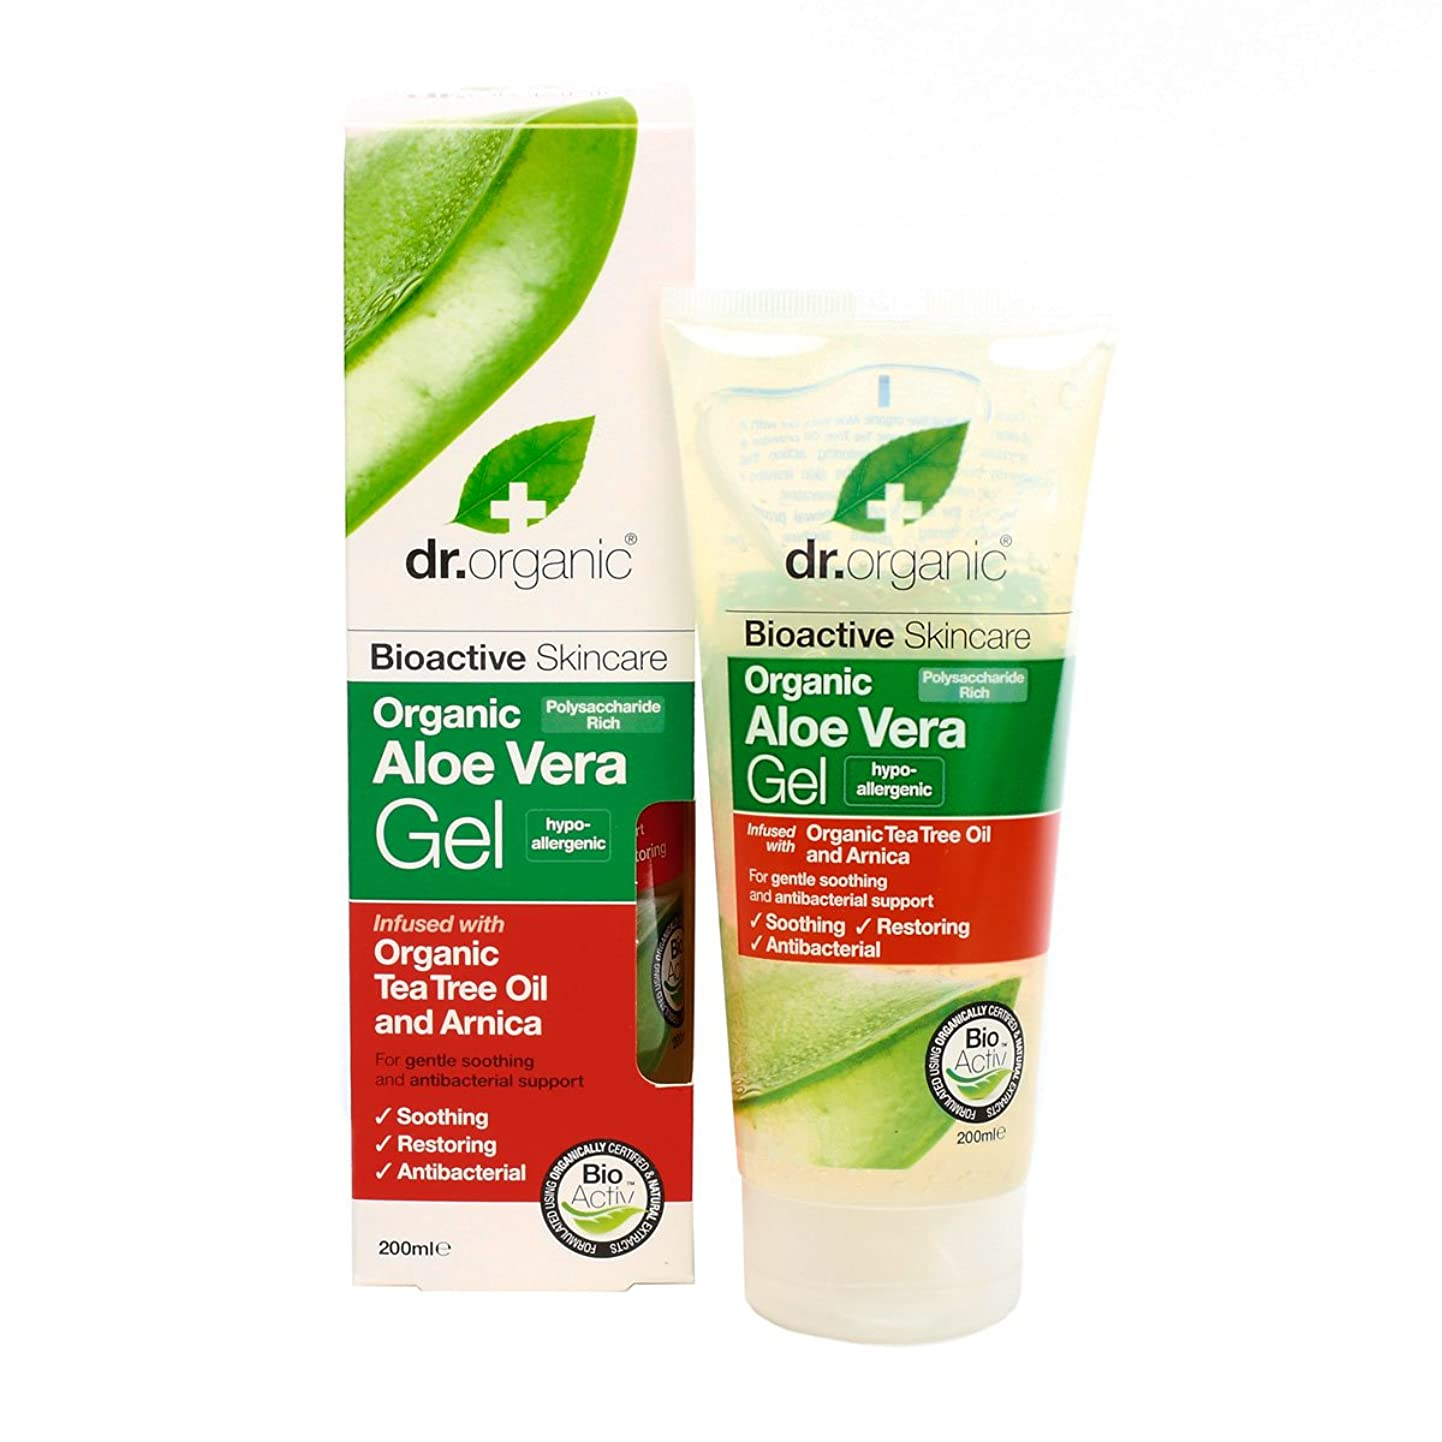 主張する無し検索エンジン最適化Dr.organic Organic Aloe Vera Gel With Organic Tea Tree Oil And Arnica 200ml [並行輸入品]